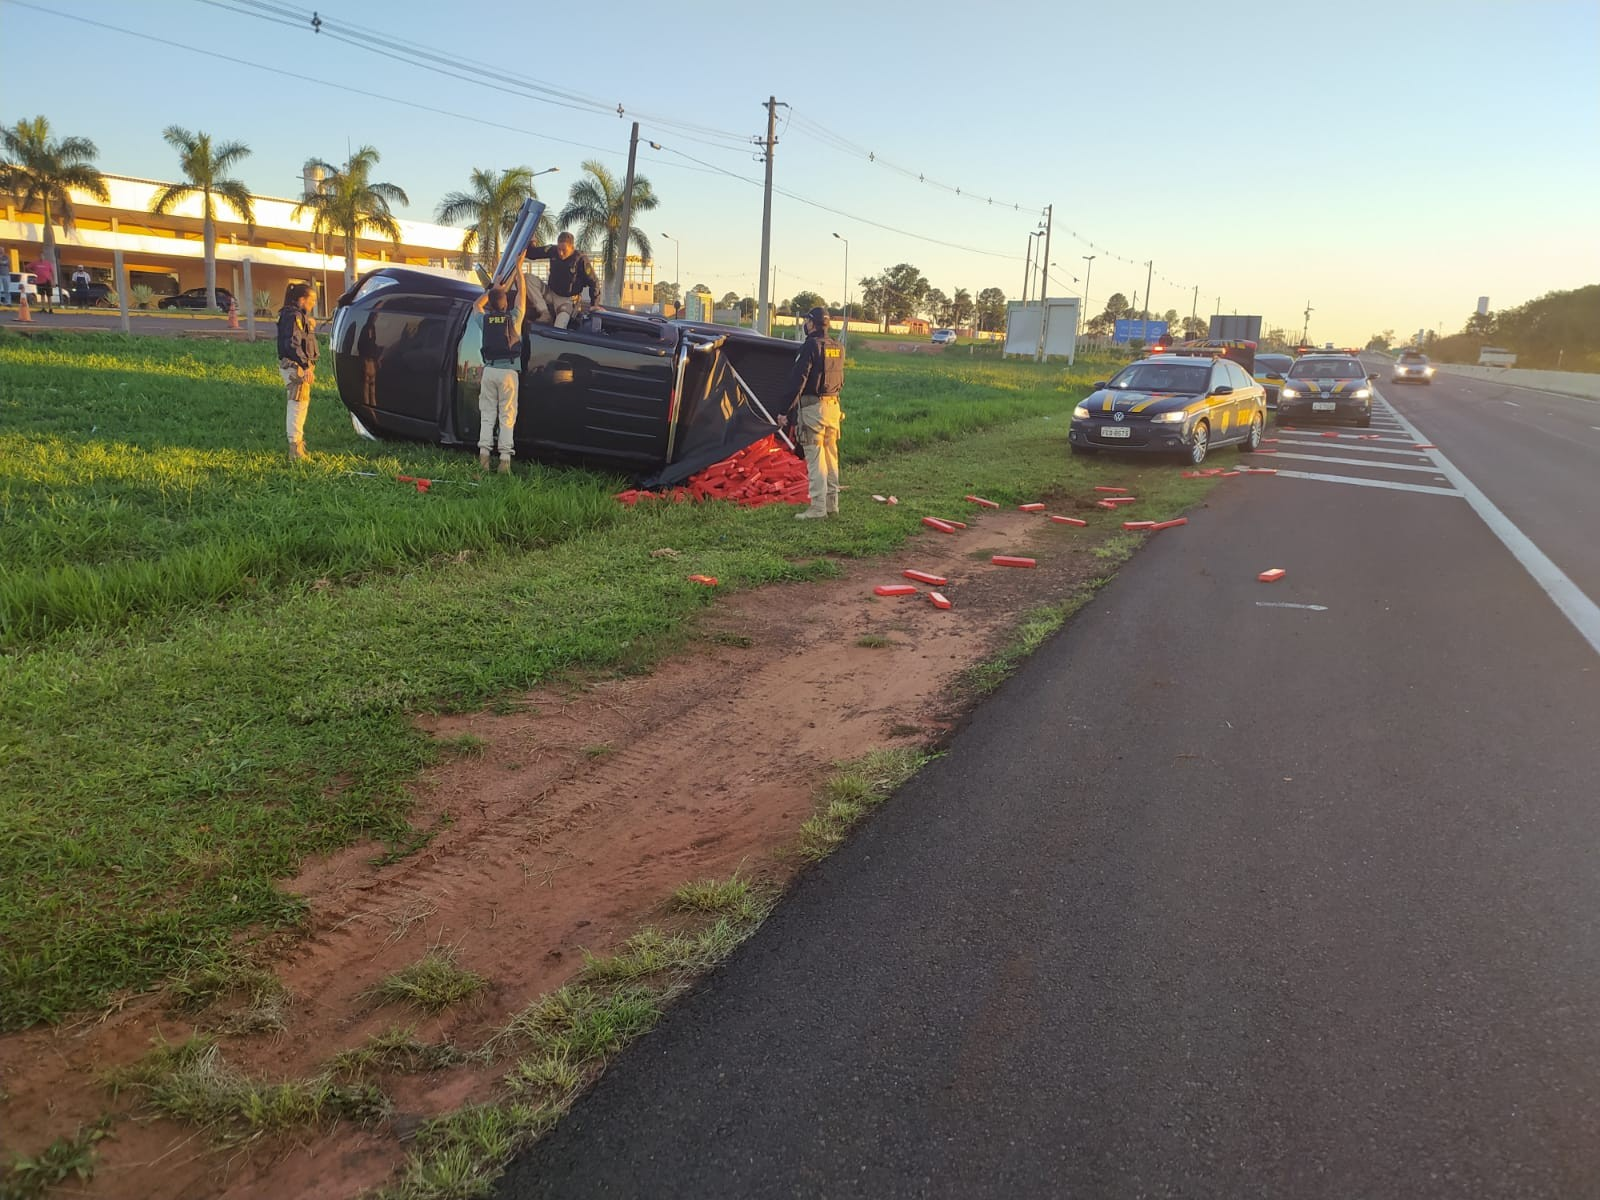 Motorista tenta fugir, bate caminhonete e é preso com maconha em Marília